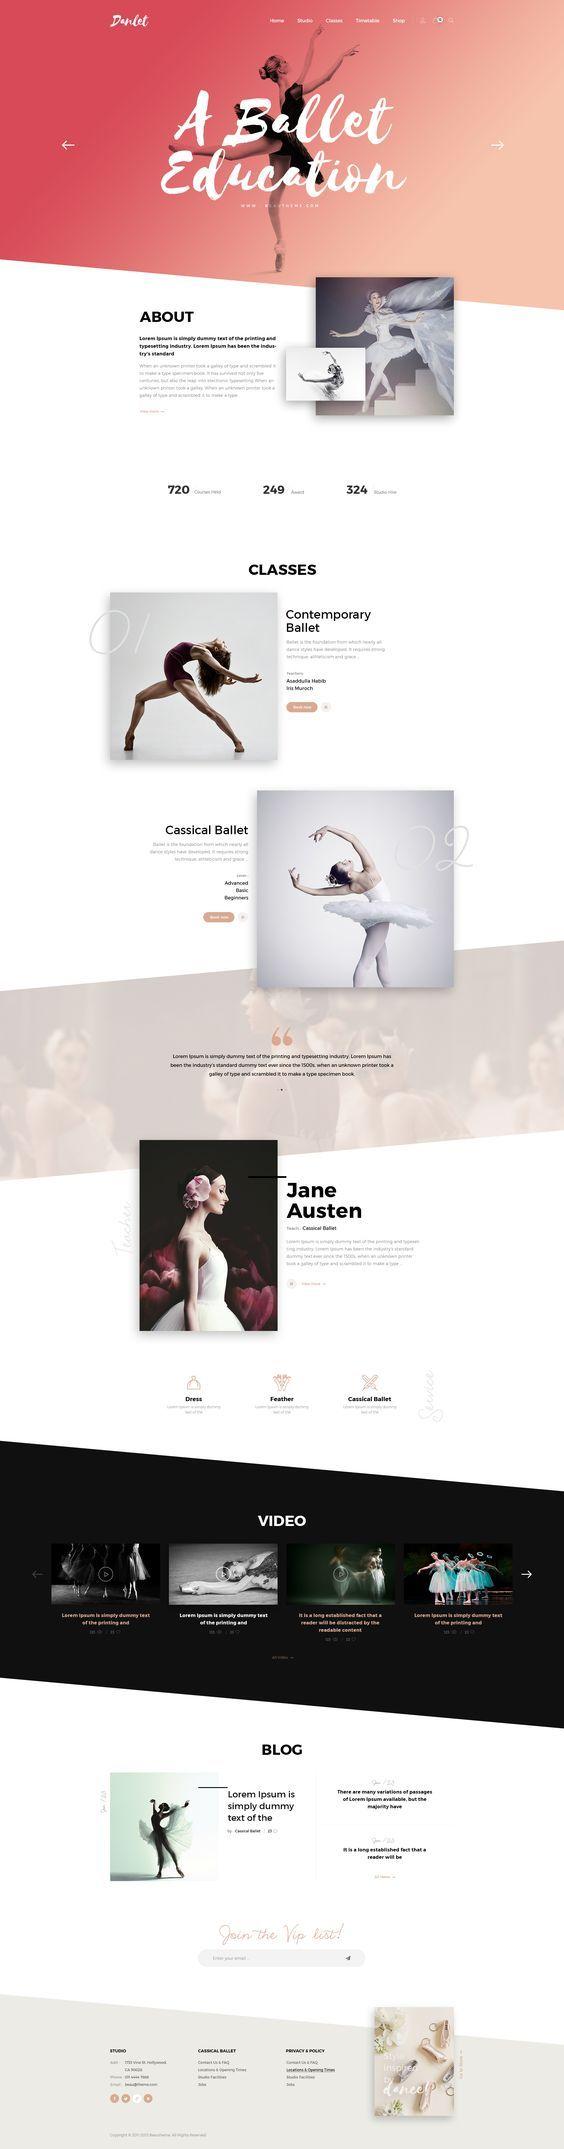 Danlet Academy WordPress Theme - Art Education. Download here: https://themeforest.net/item/danlet-academy-wordpress-theme-ballet-hiphop-dance-music-art-education/19170081?ref=7h10#dance #dancing #theme #template #ballet